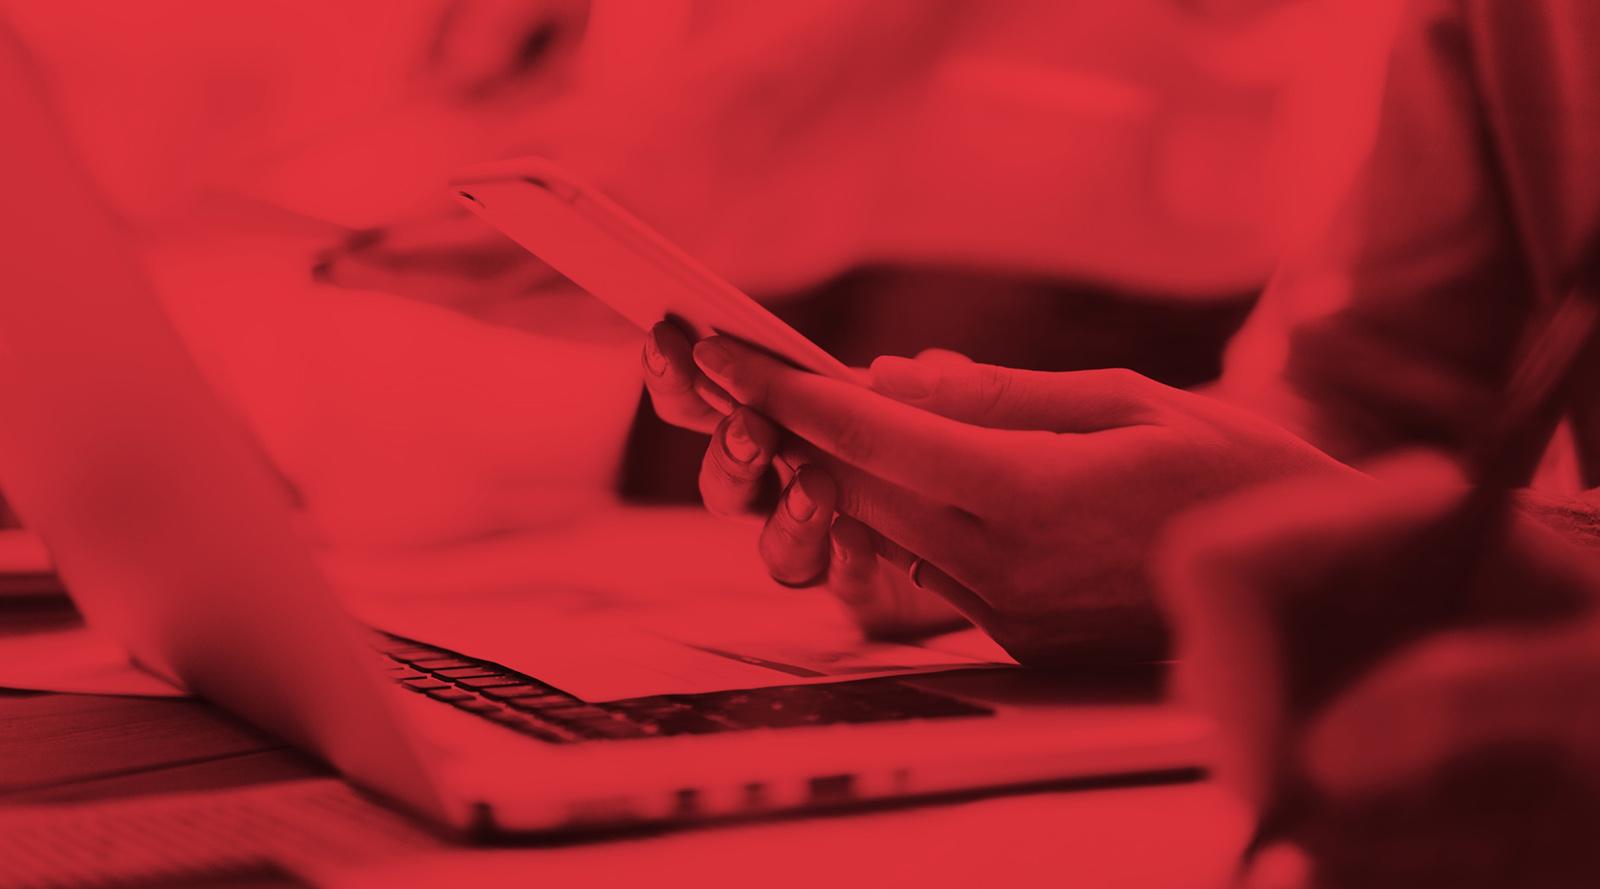 Frau mit Smartphone vor Laptop Detailansicht rot